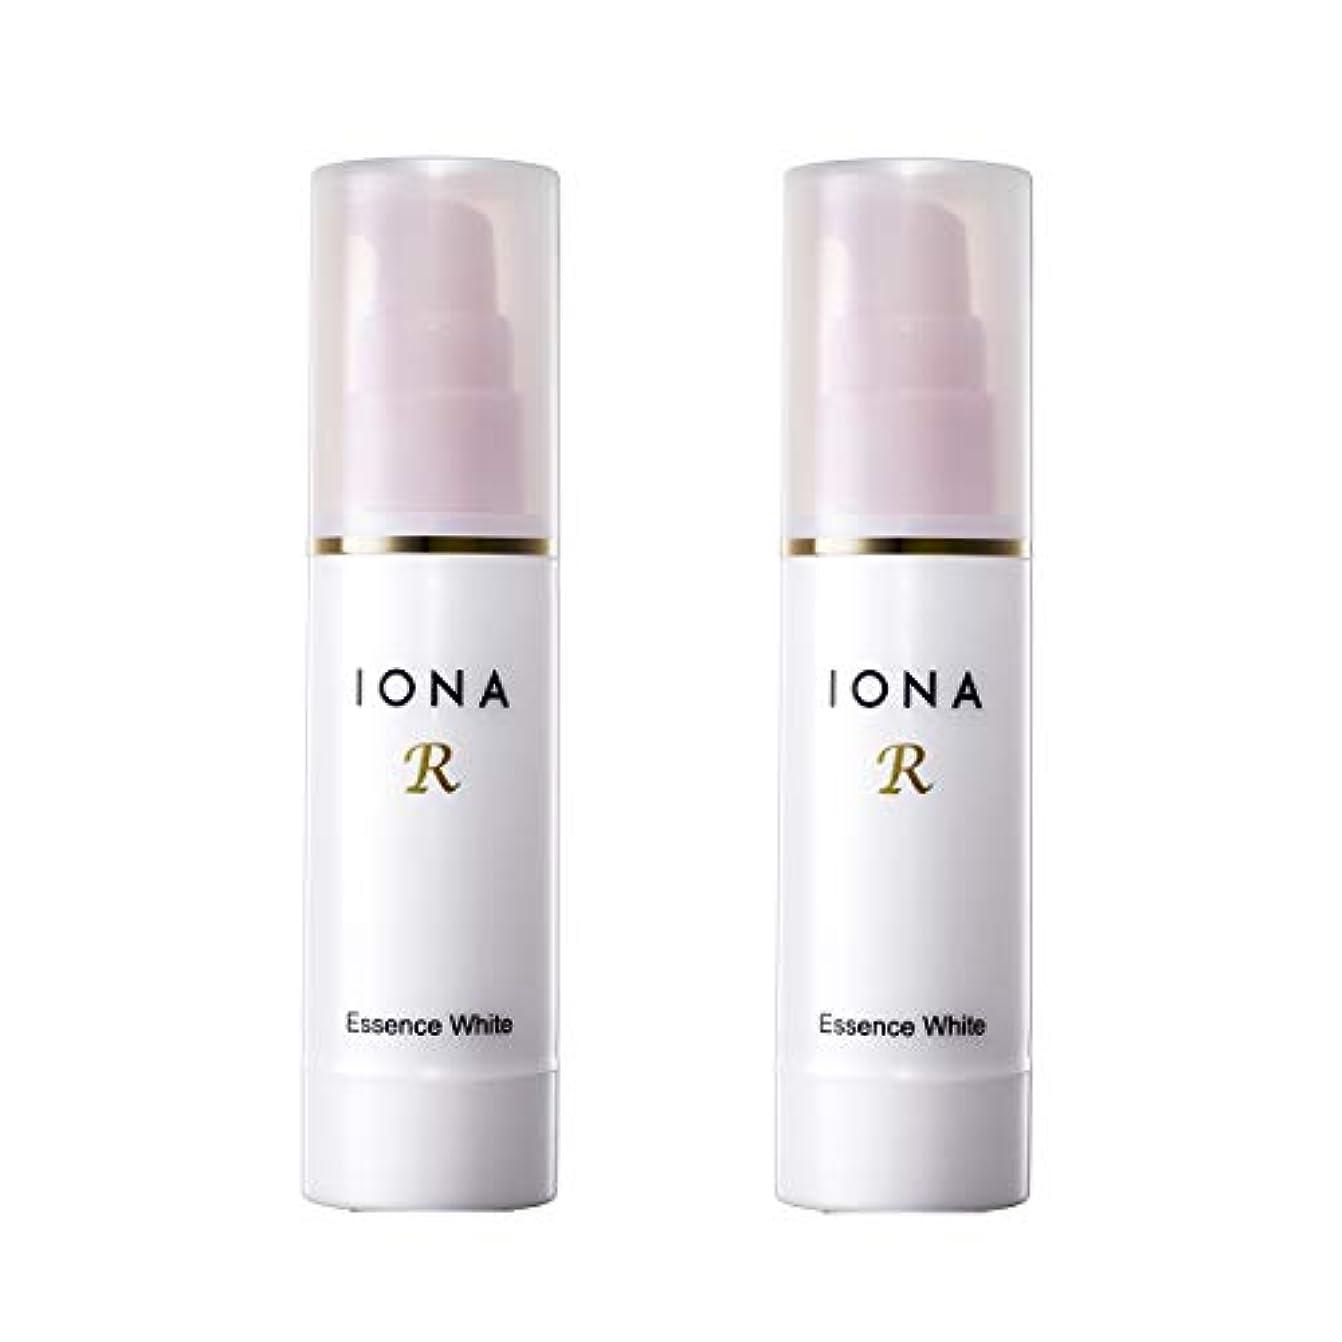 ちなみに感動するつかの間イオナR エッセンスホワイト 美容液 2個セット 【通常価格より20%OFF】高機能ビタミンC配合美容液 IONA R イオナアール イオナのビタミンC